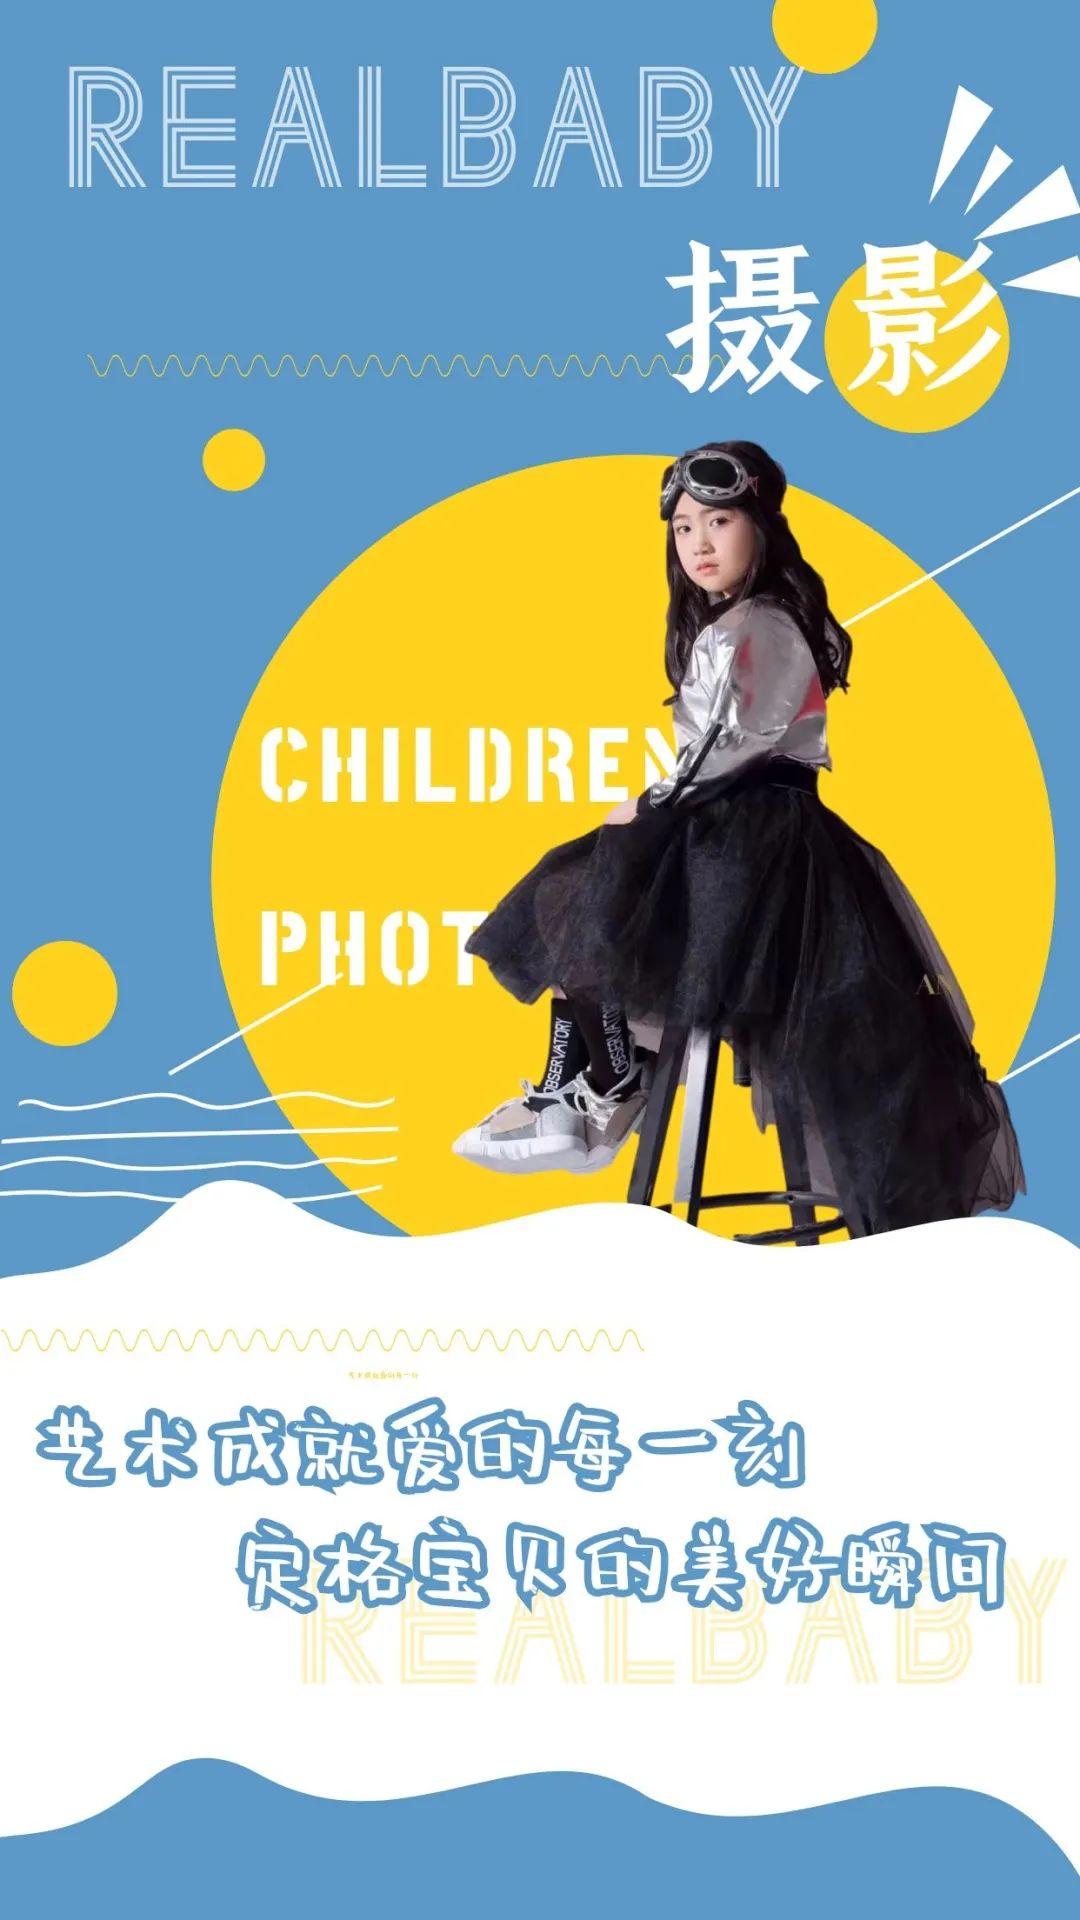 9.9元享【REALBABY摄影套餐】:宝宝服装3套+造型+拍摄不少于80张照片(超出不送);特别赠送: